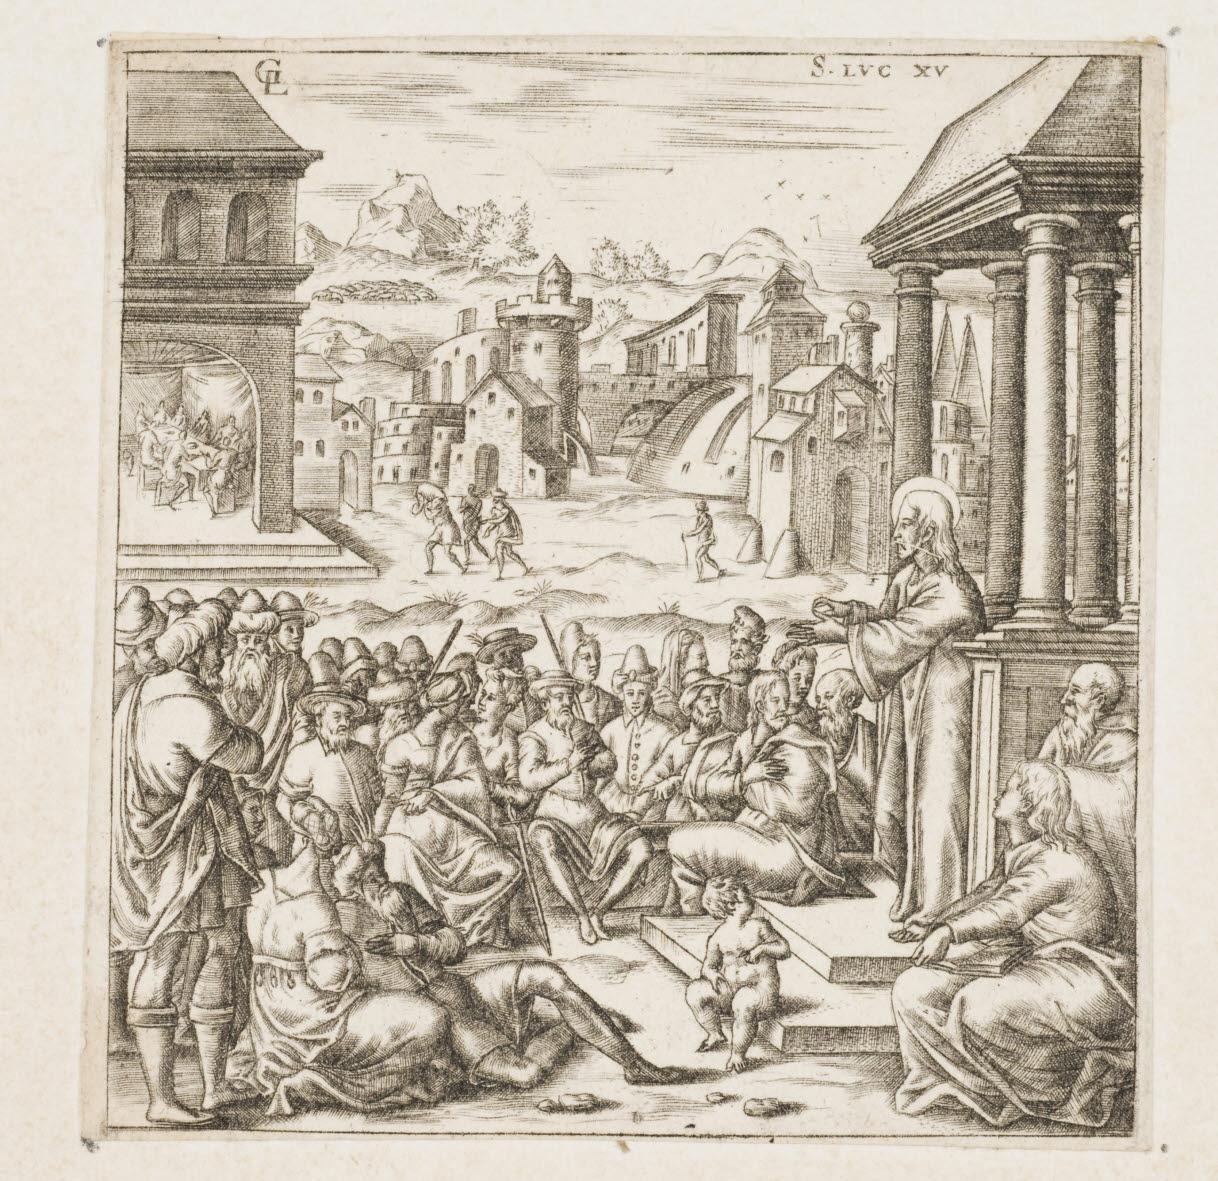 GAULTIER Léonard (inventeur, graveur) : Jésus propose au peuple des paraboles